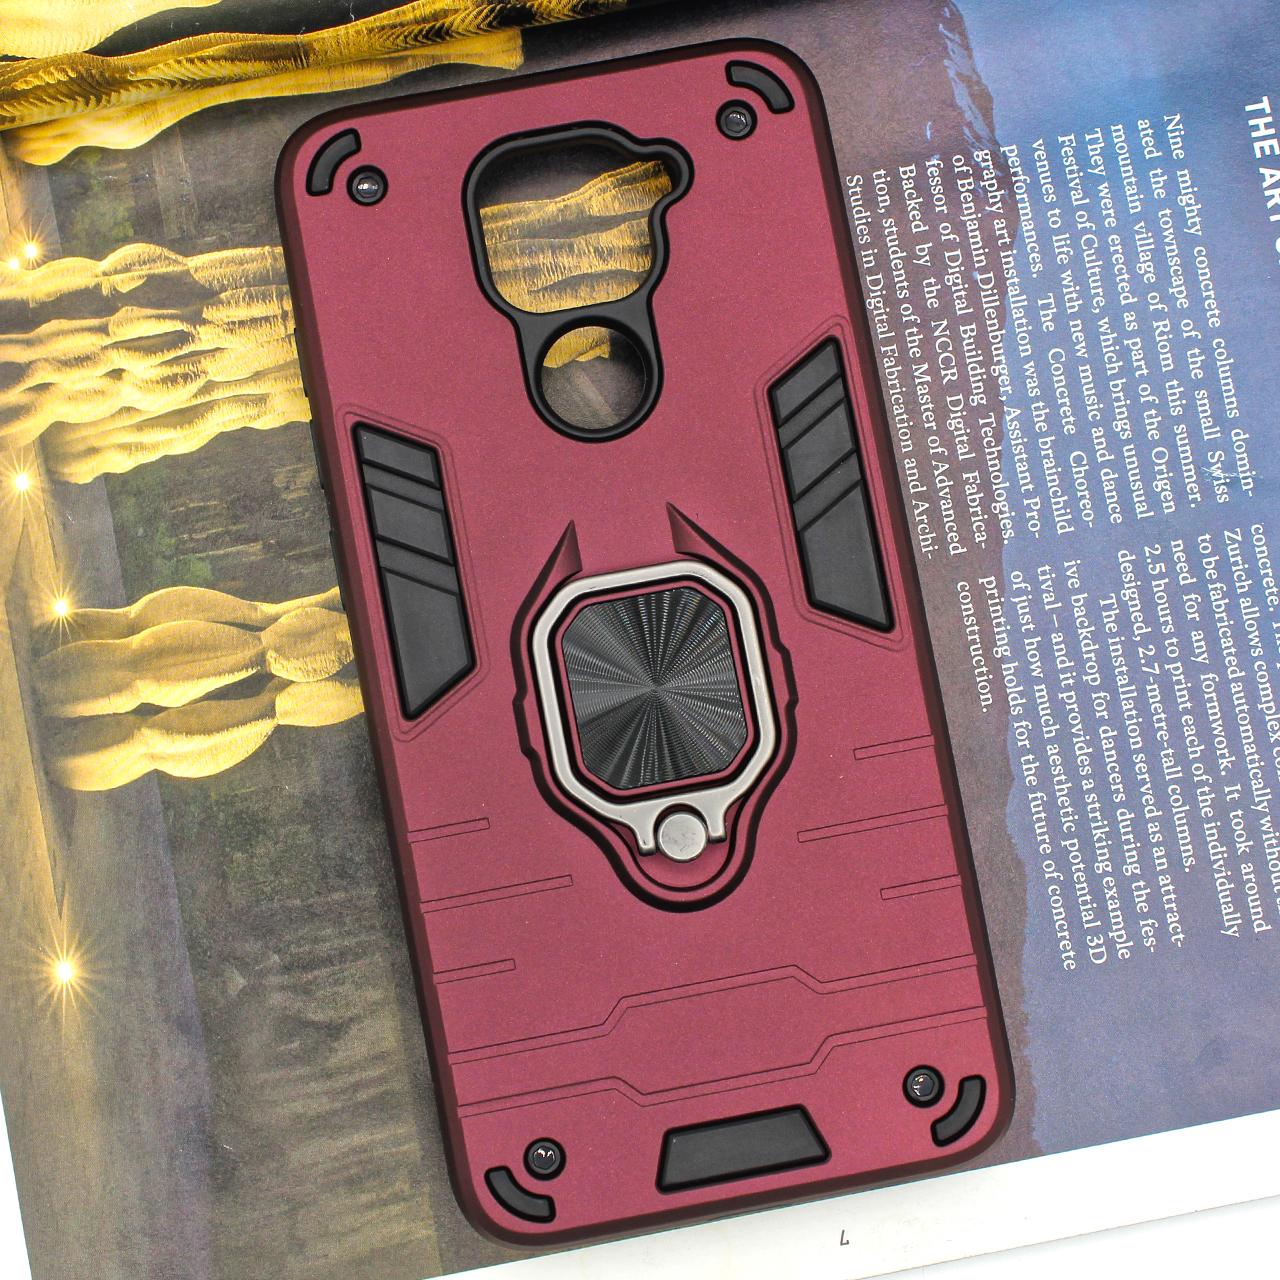 کاور کینگ پاور مدل ASH22 مناسب برای گوشی موبایل شیائومی Redmi Note 9 main 1 12